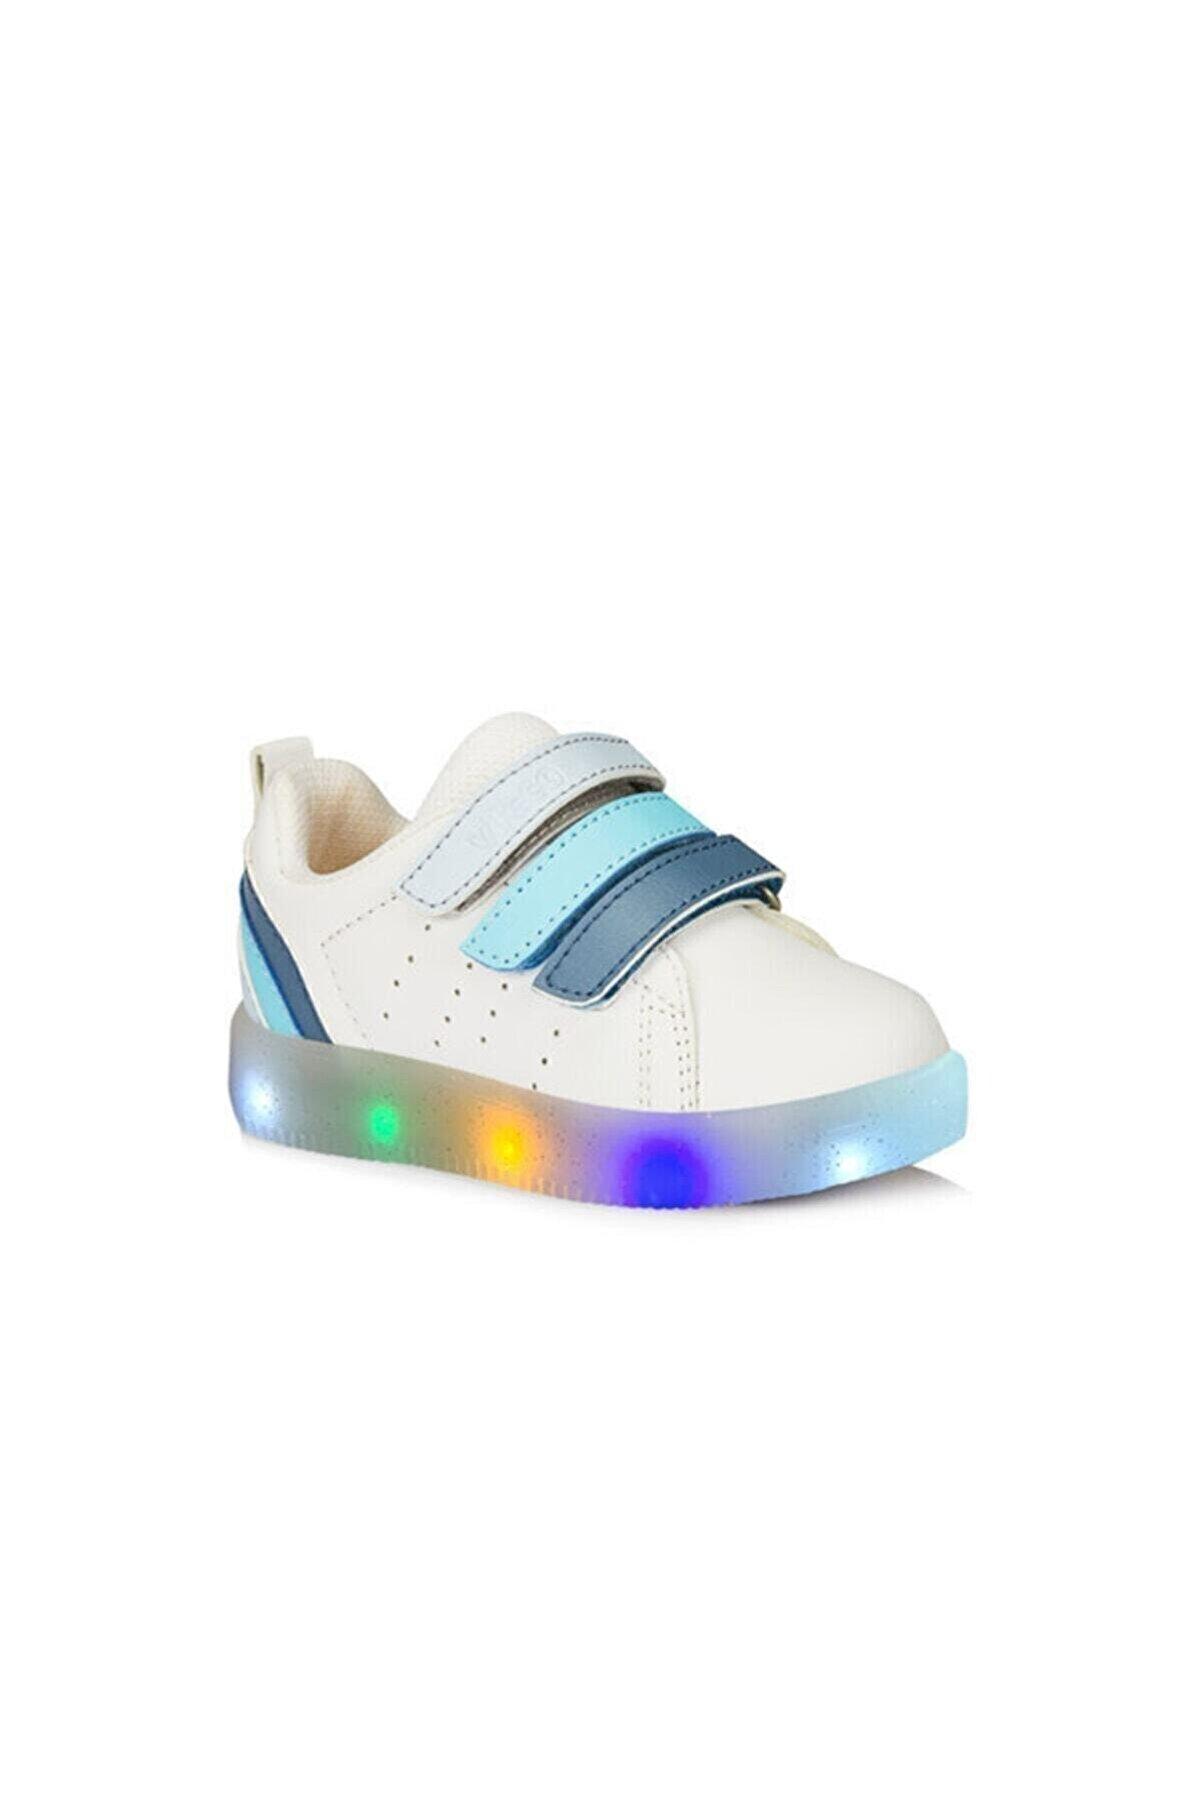 Vicco Çocuk Işıklı Ayakkabı Beyaz/mavi Sun 220.b21y.212